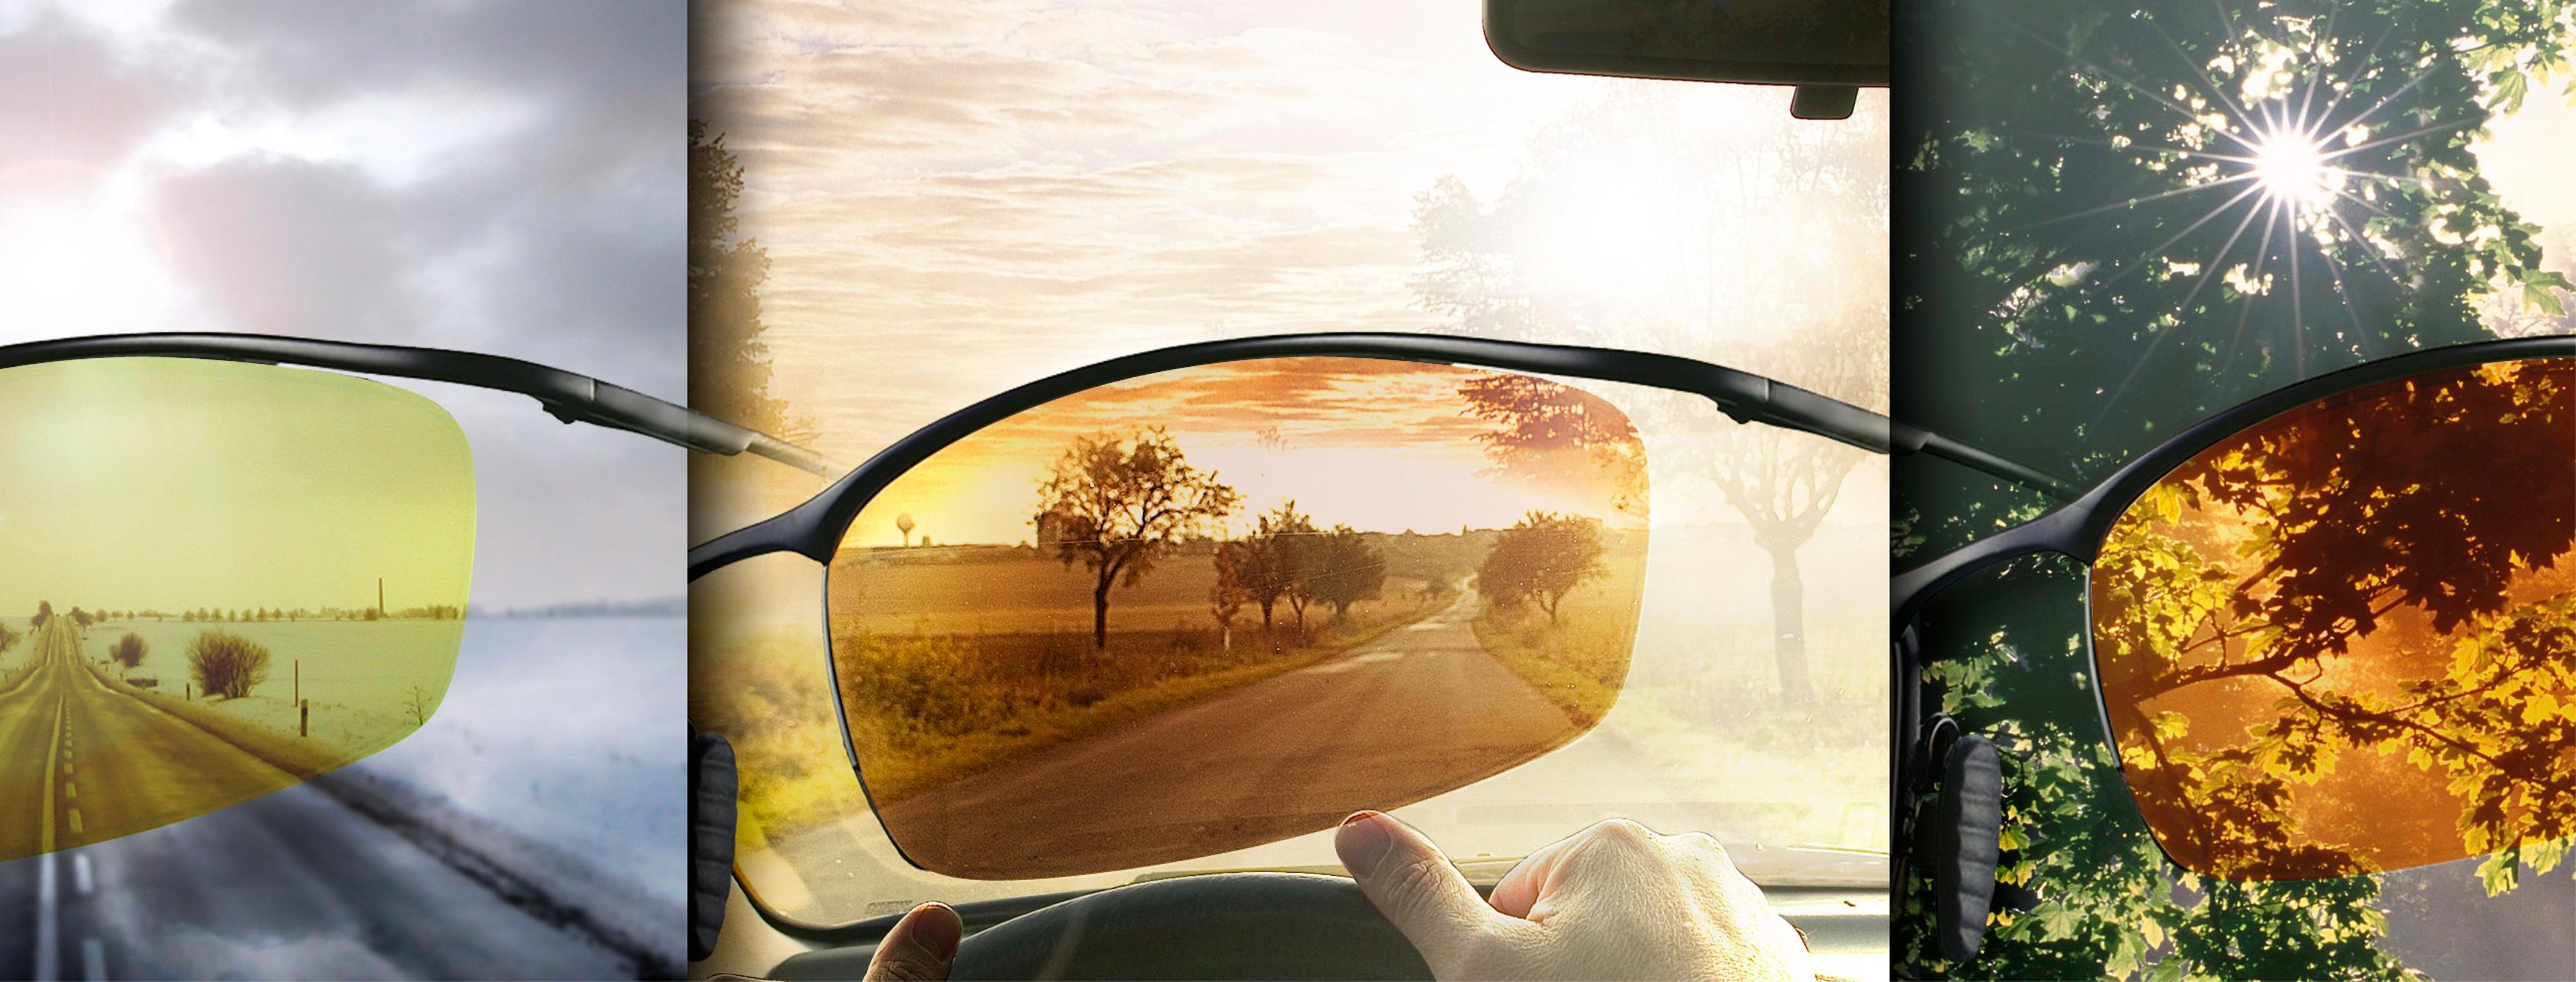 Usa tus gafas de sol como filtros - Trucos para tus fotos con celular